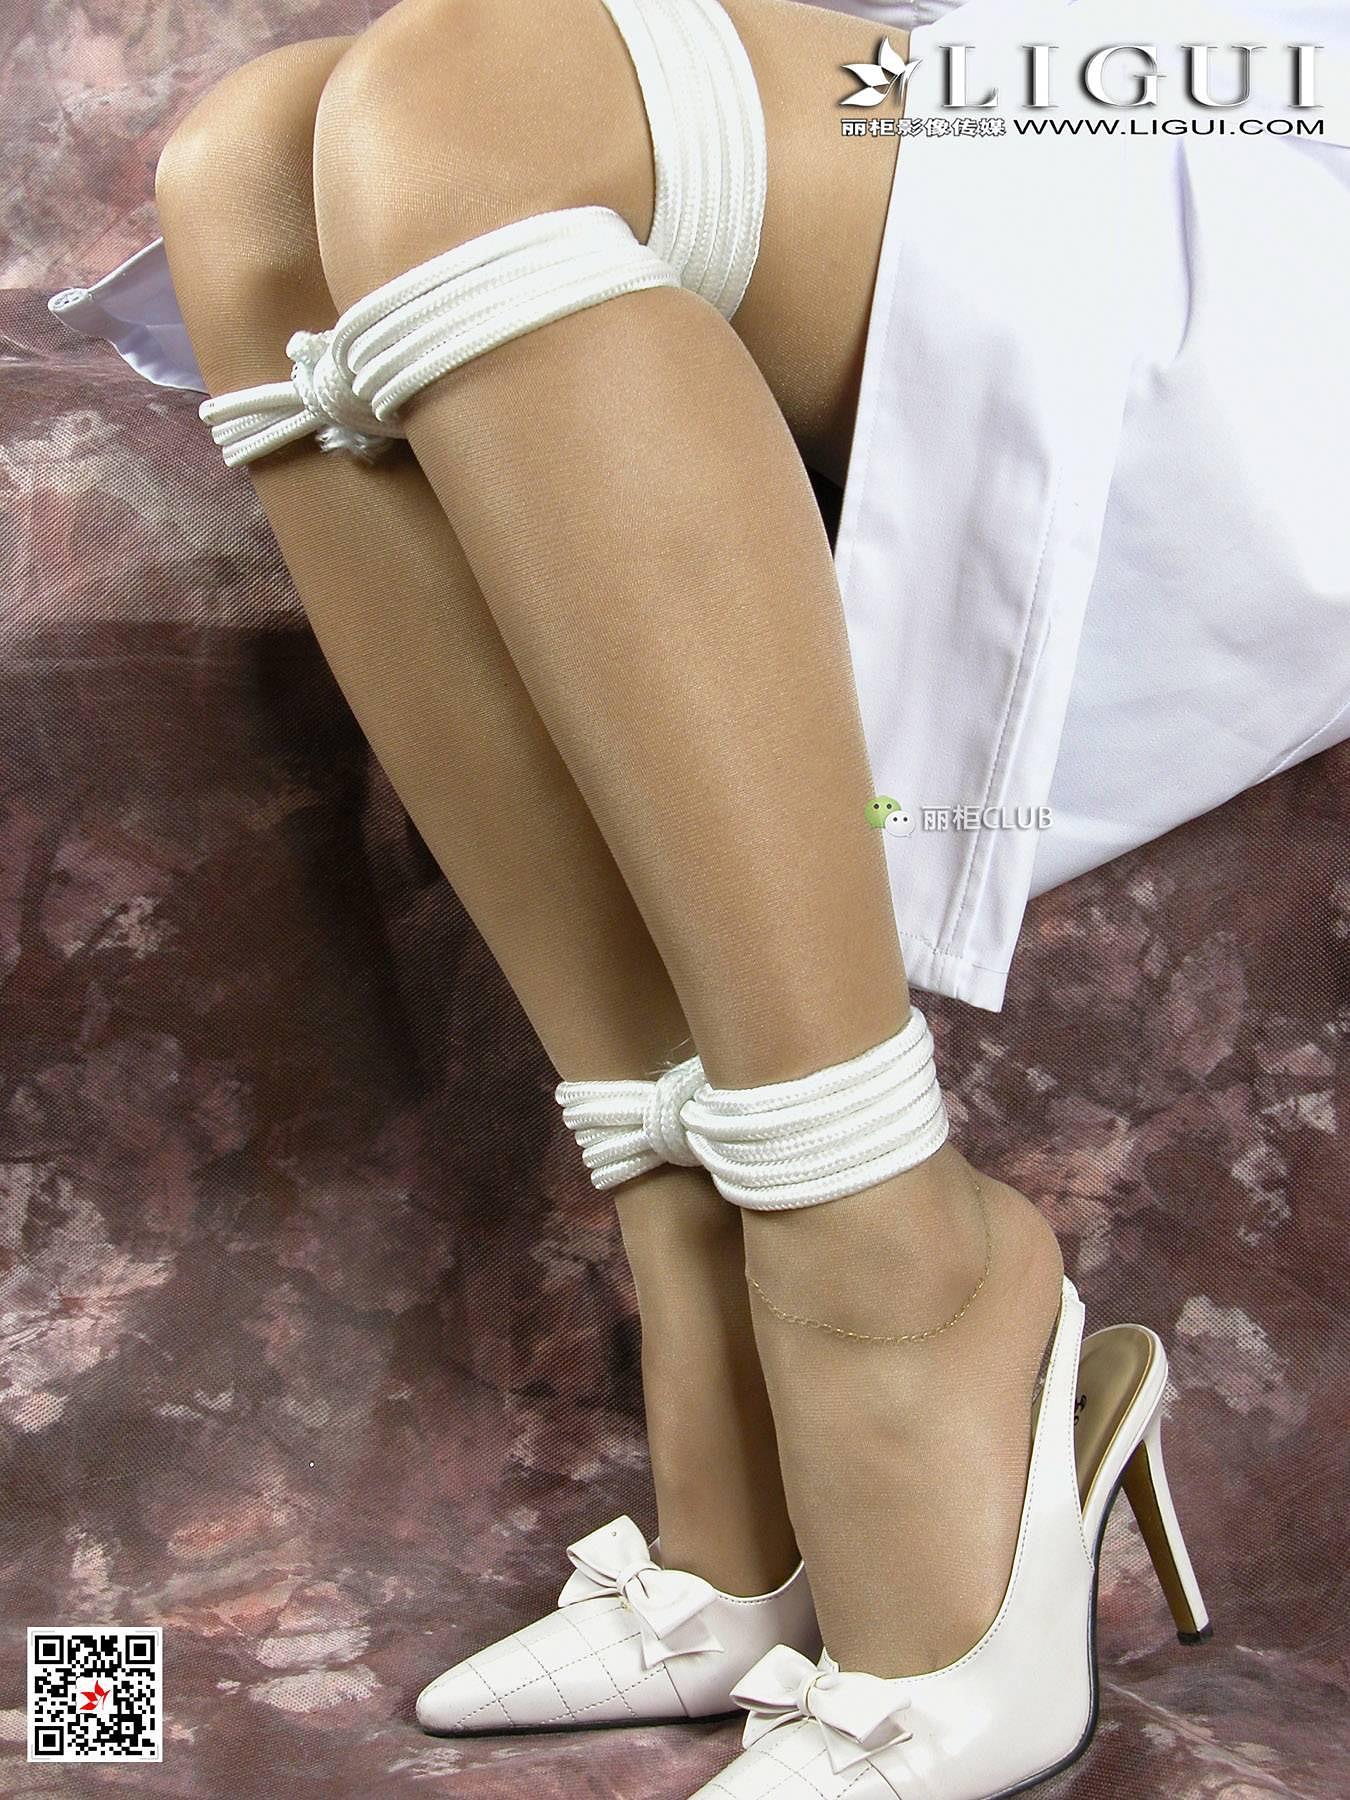 07 性感女护士 雅诗 灰色丝袜美腿玉足SM捆绑私房写真集 24图片